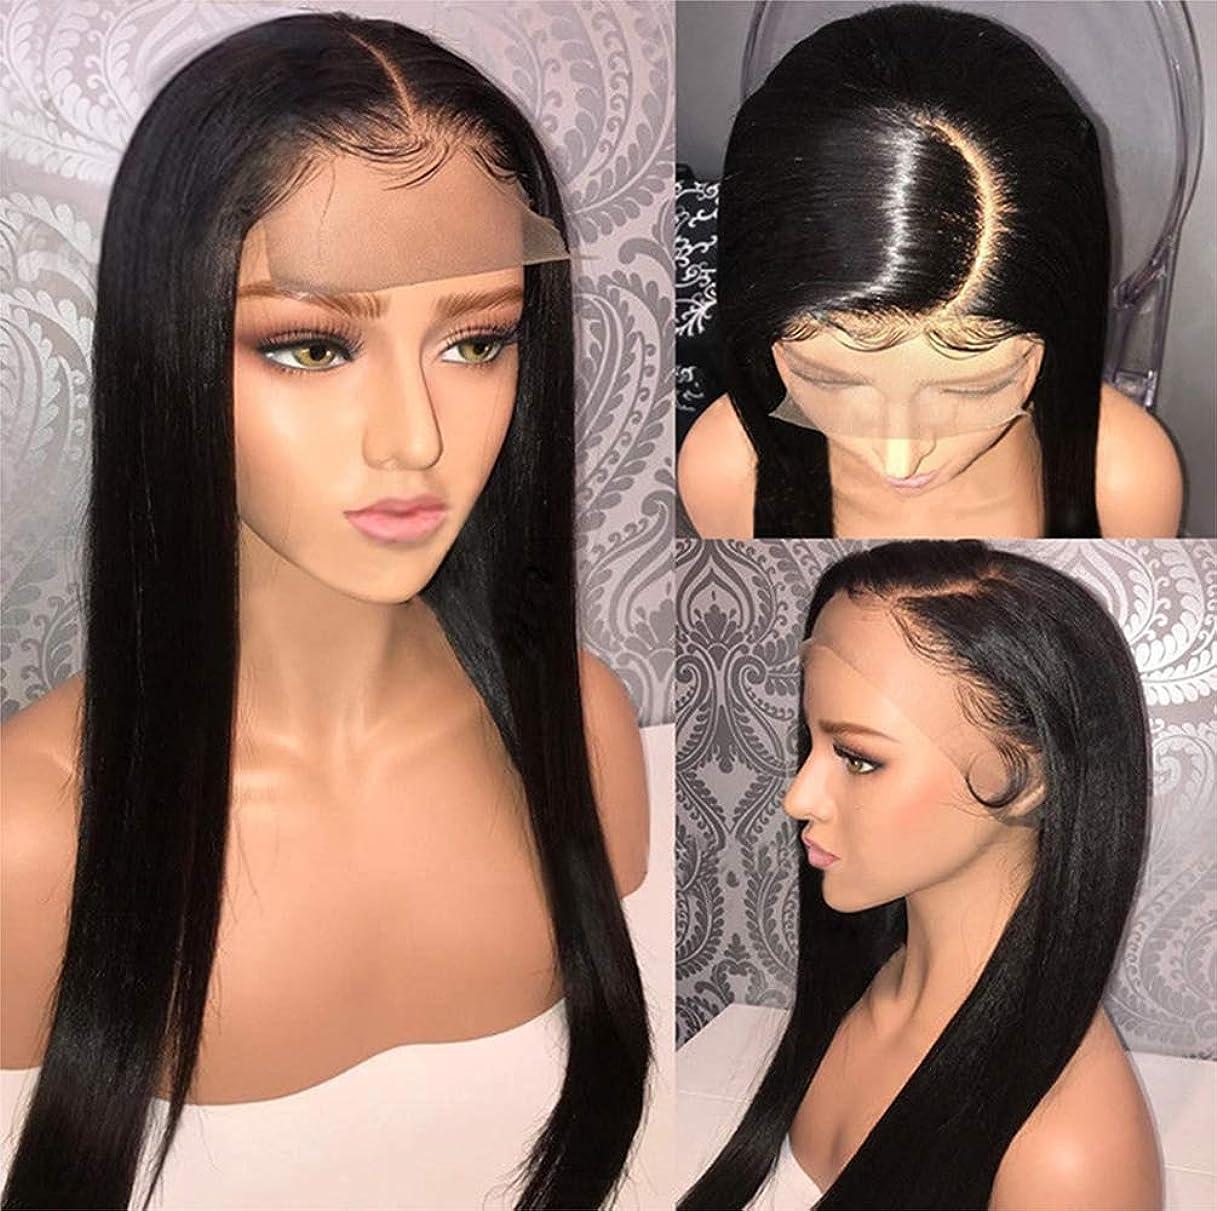 安心インフルエンザ居間女性ストレートヘアレース前頭かつらブラジルのバージン人間の髪の毛のかつらと人間の髪の毛